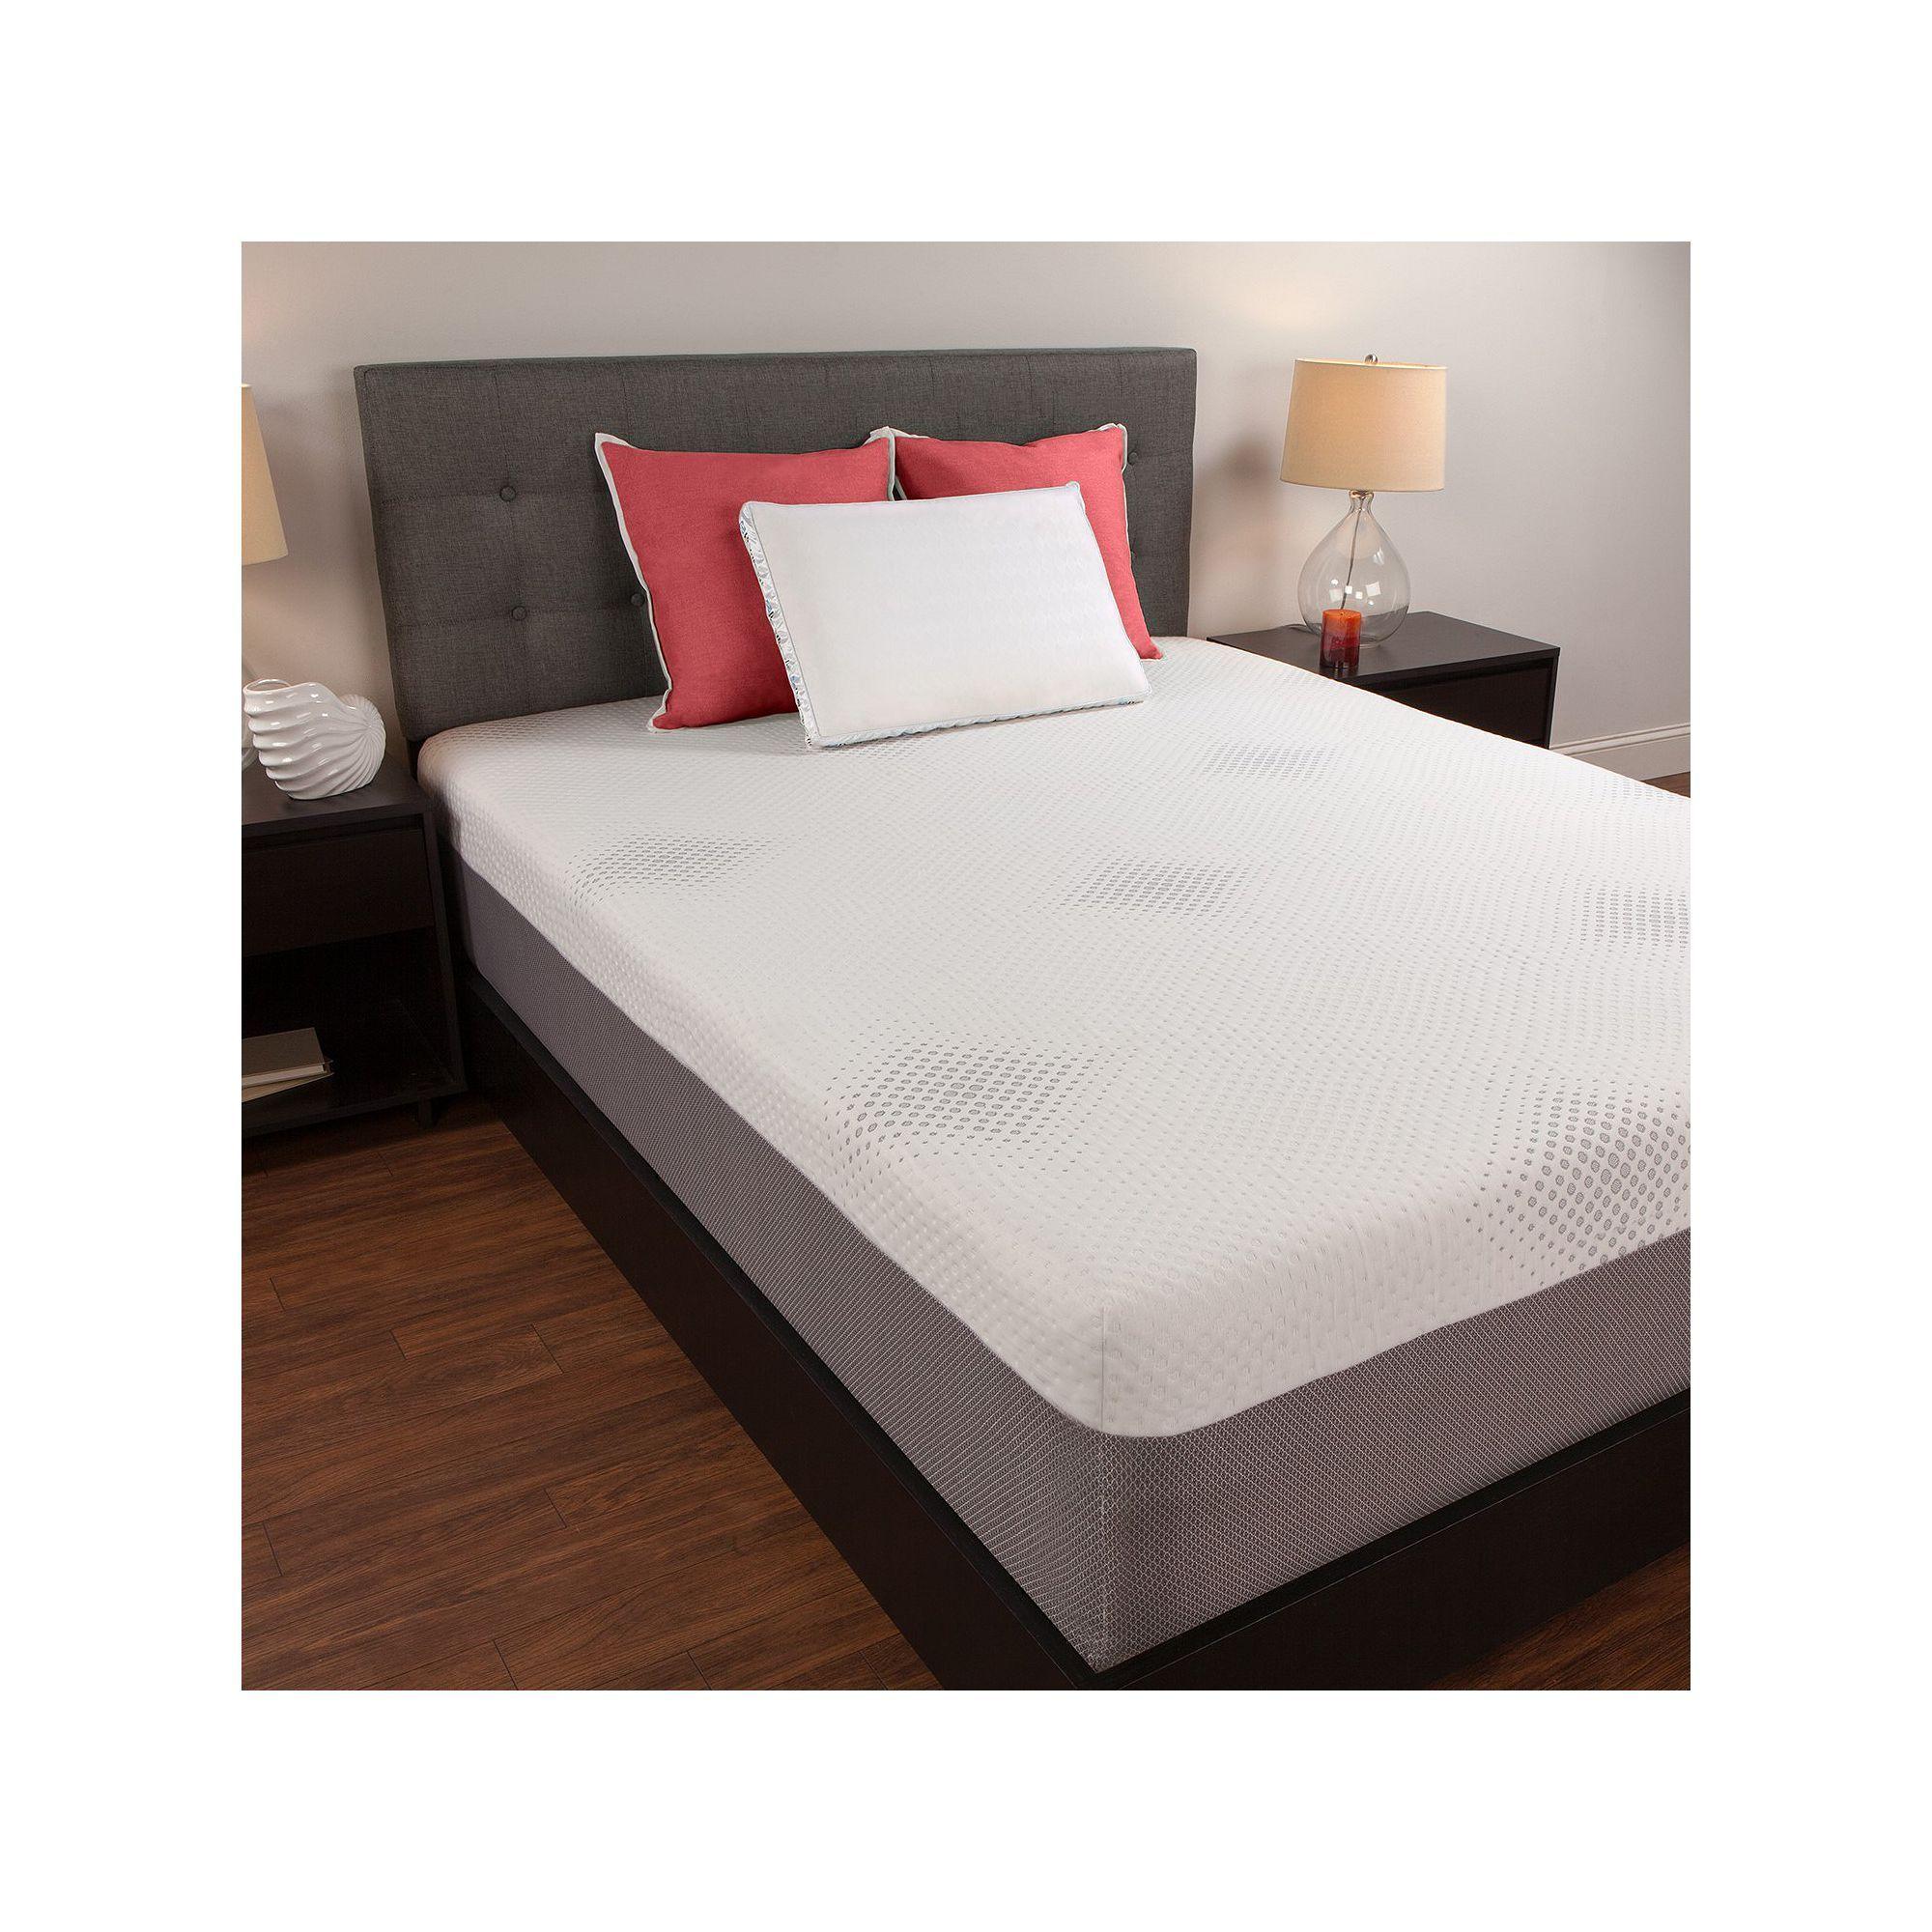 sealy 12in memory foam mattress white - Sealy Memory Foam Mattress